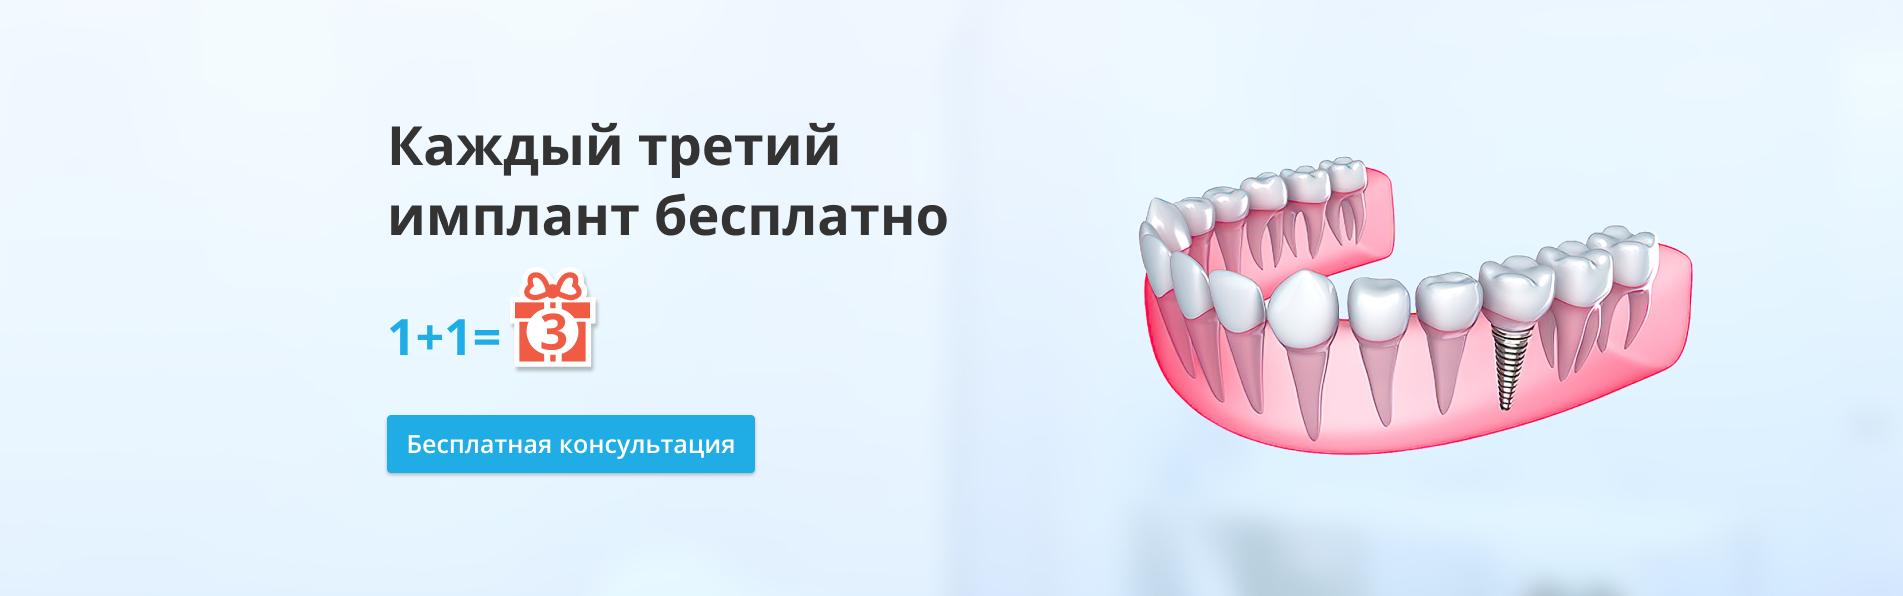 имплантация в стоматологии Доктор Сен